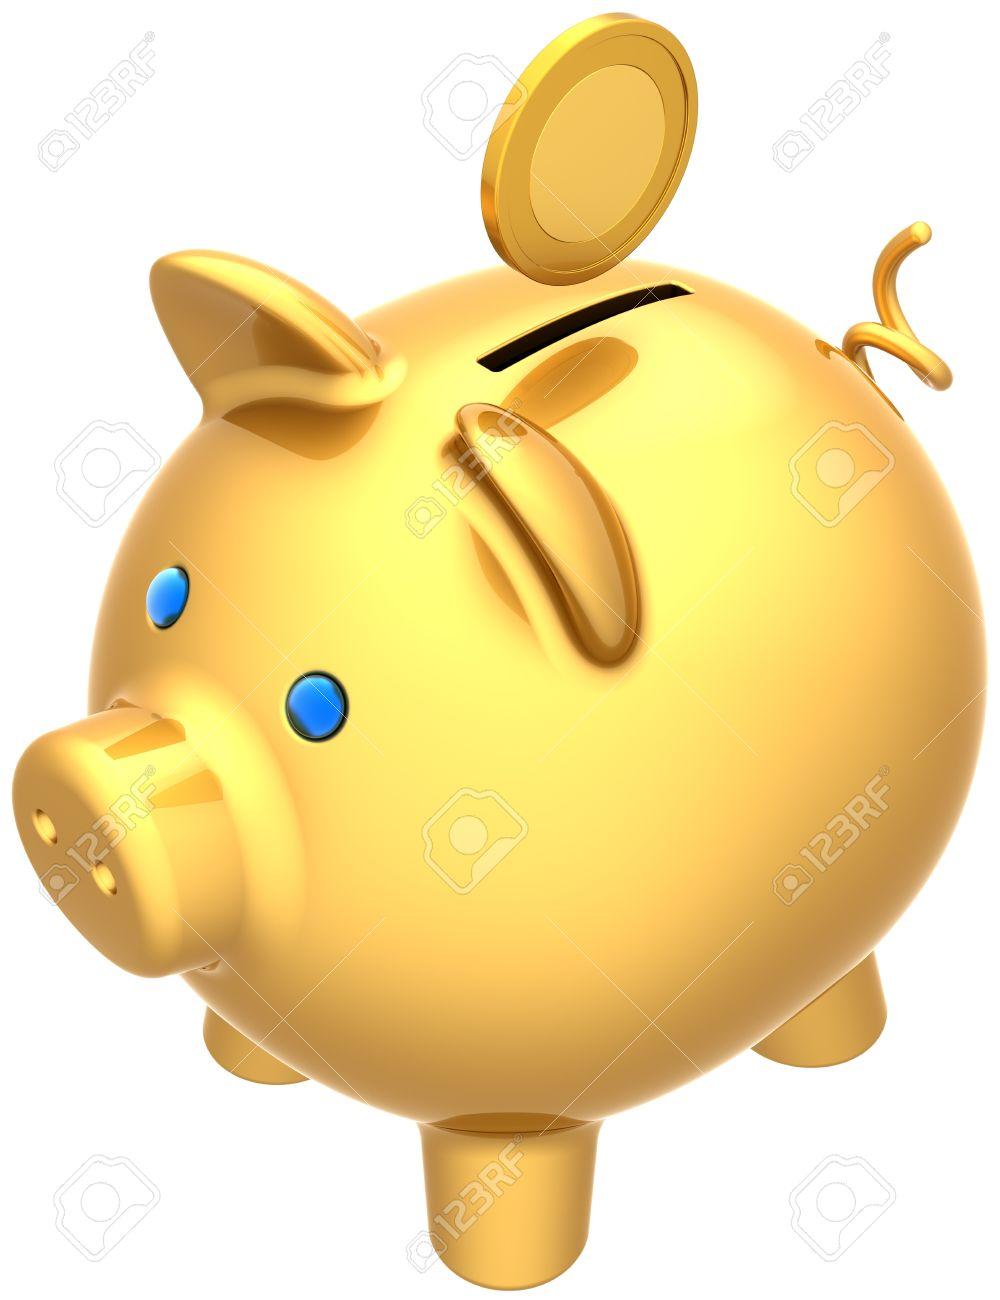 piggy bank - gold piggy bank